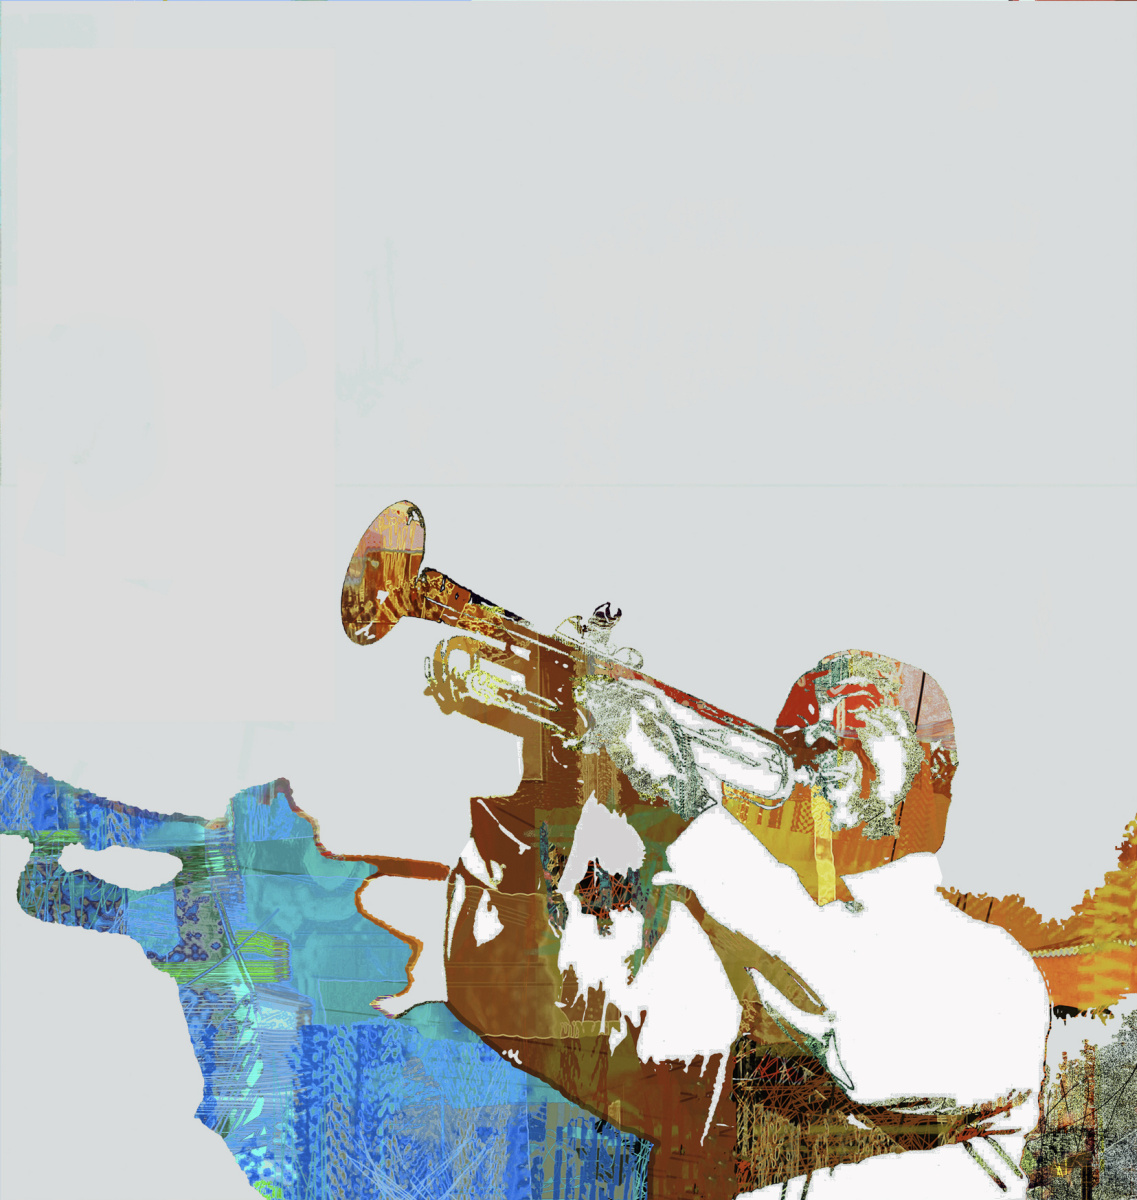 Vladimir Evgen'evich Koreshkov. All this jazz IV. Popartbractionism